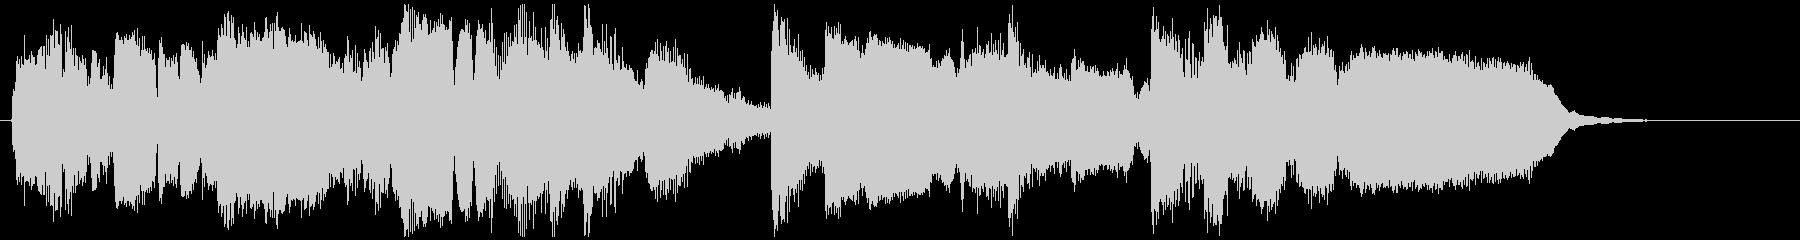 幸せな雰囲気の15秒CM用ジャズバラードの未再生の波形